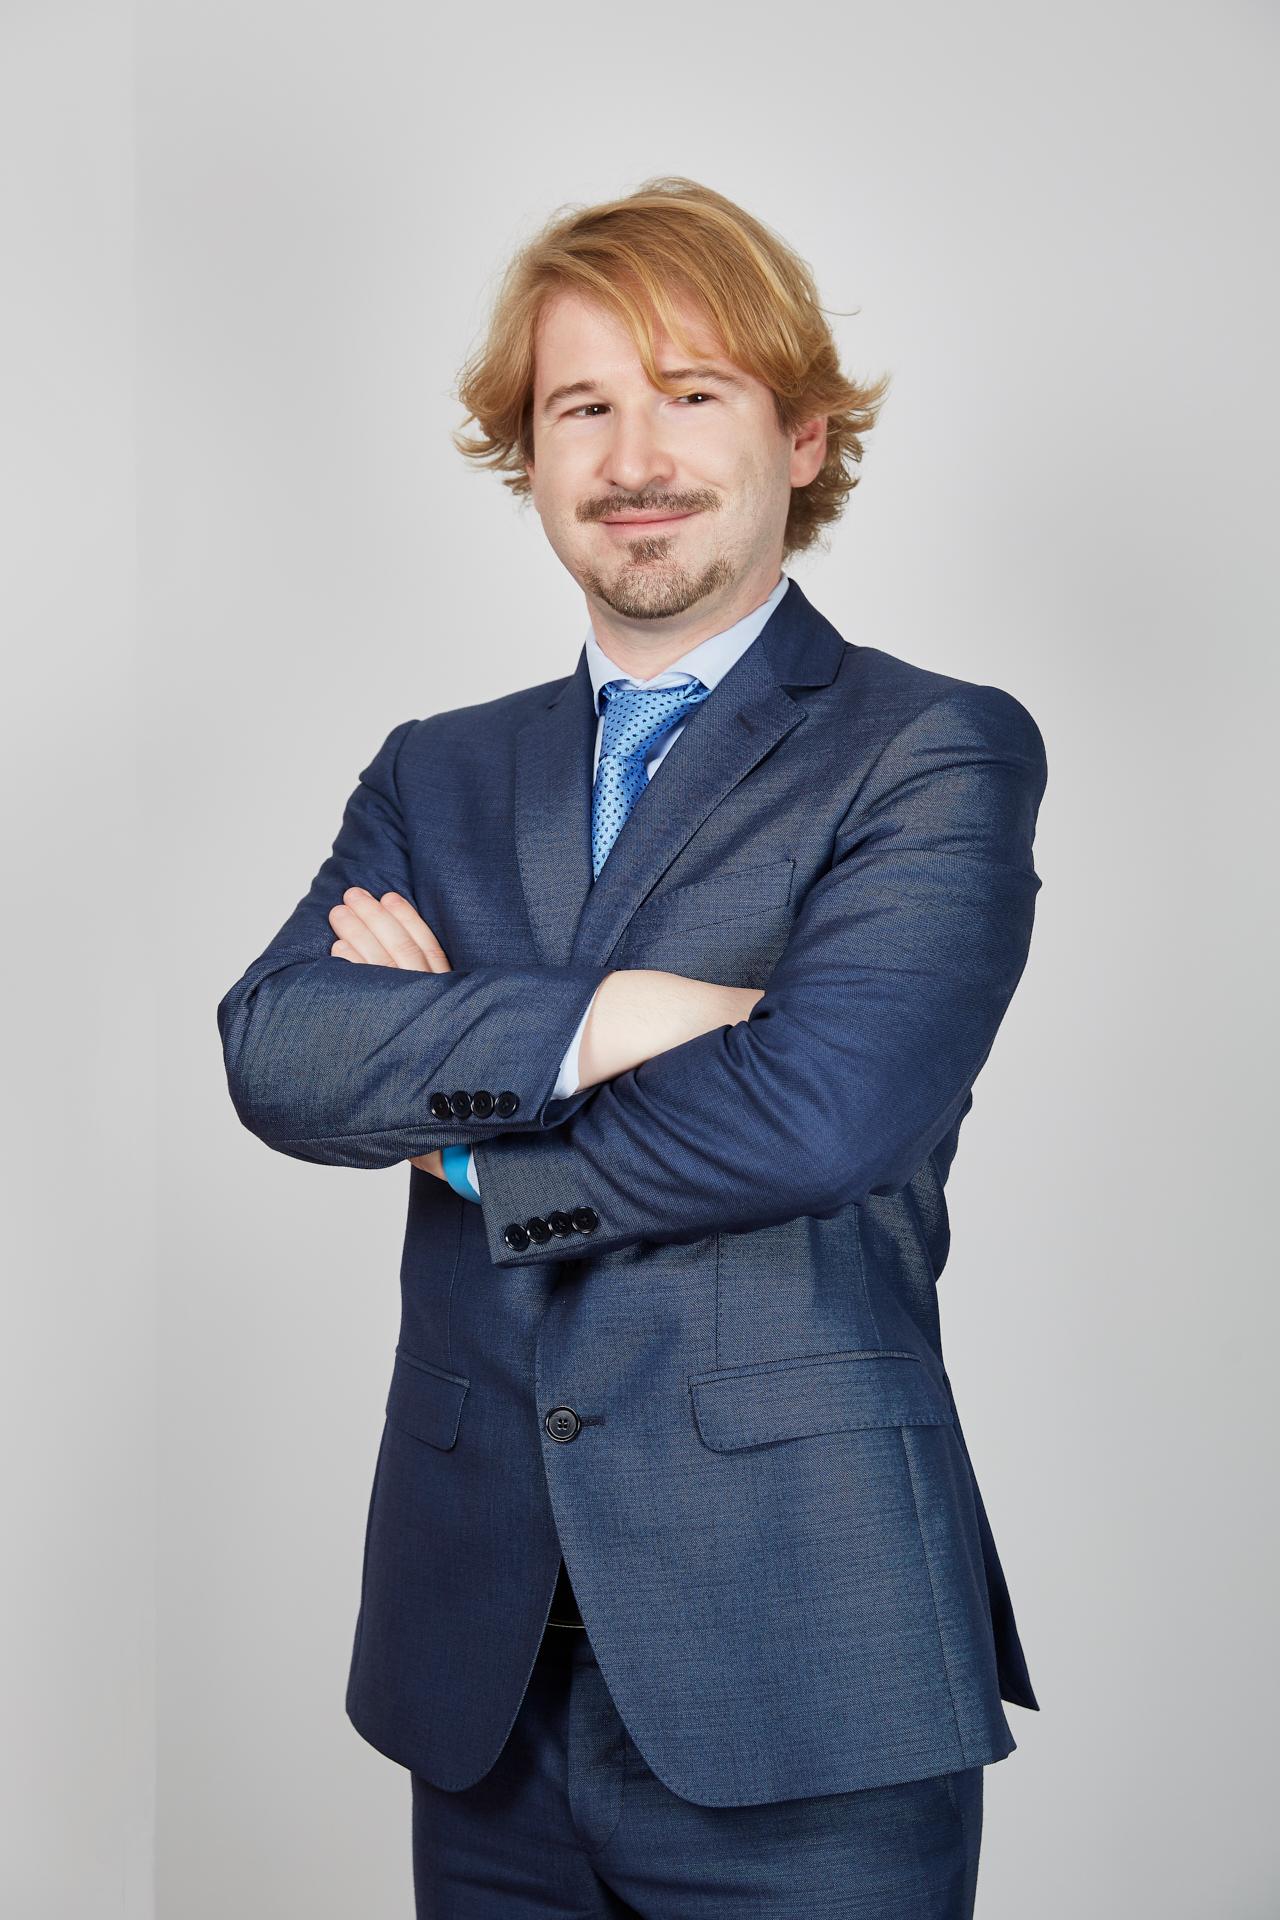 ANDREA ARGENTIN - Banche e Sicurezza